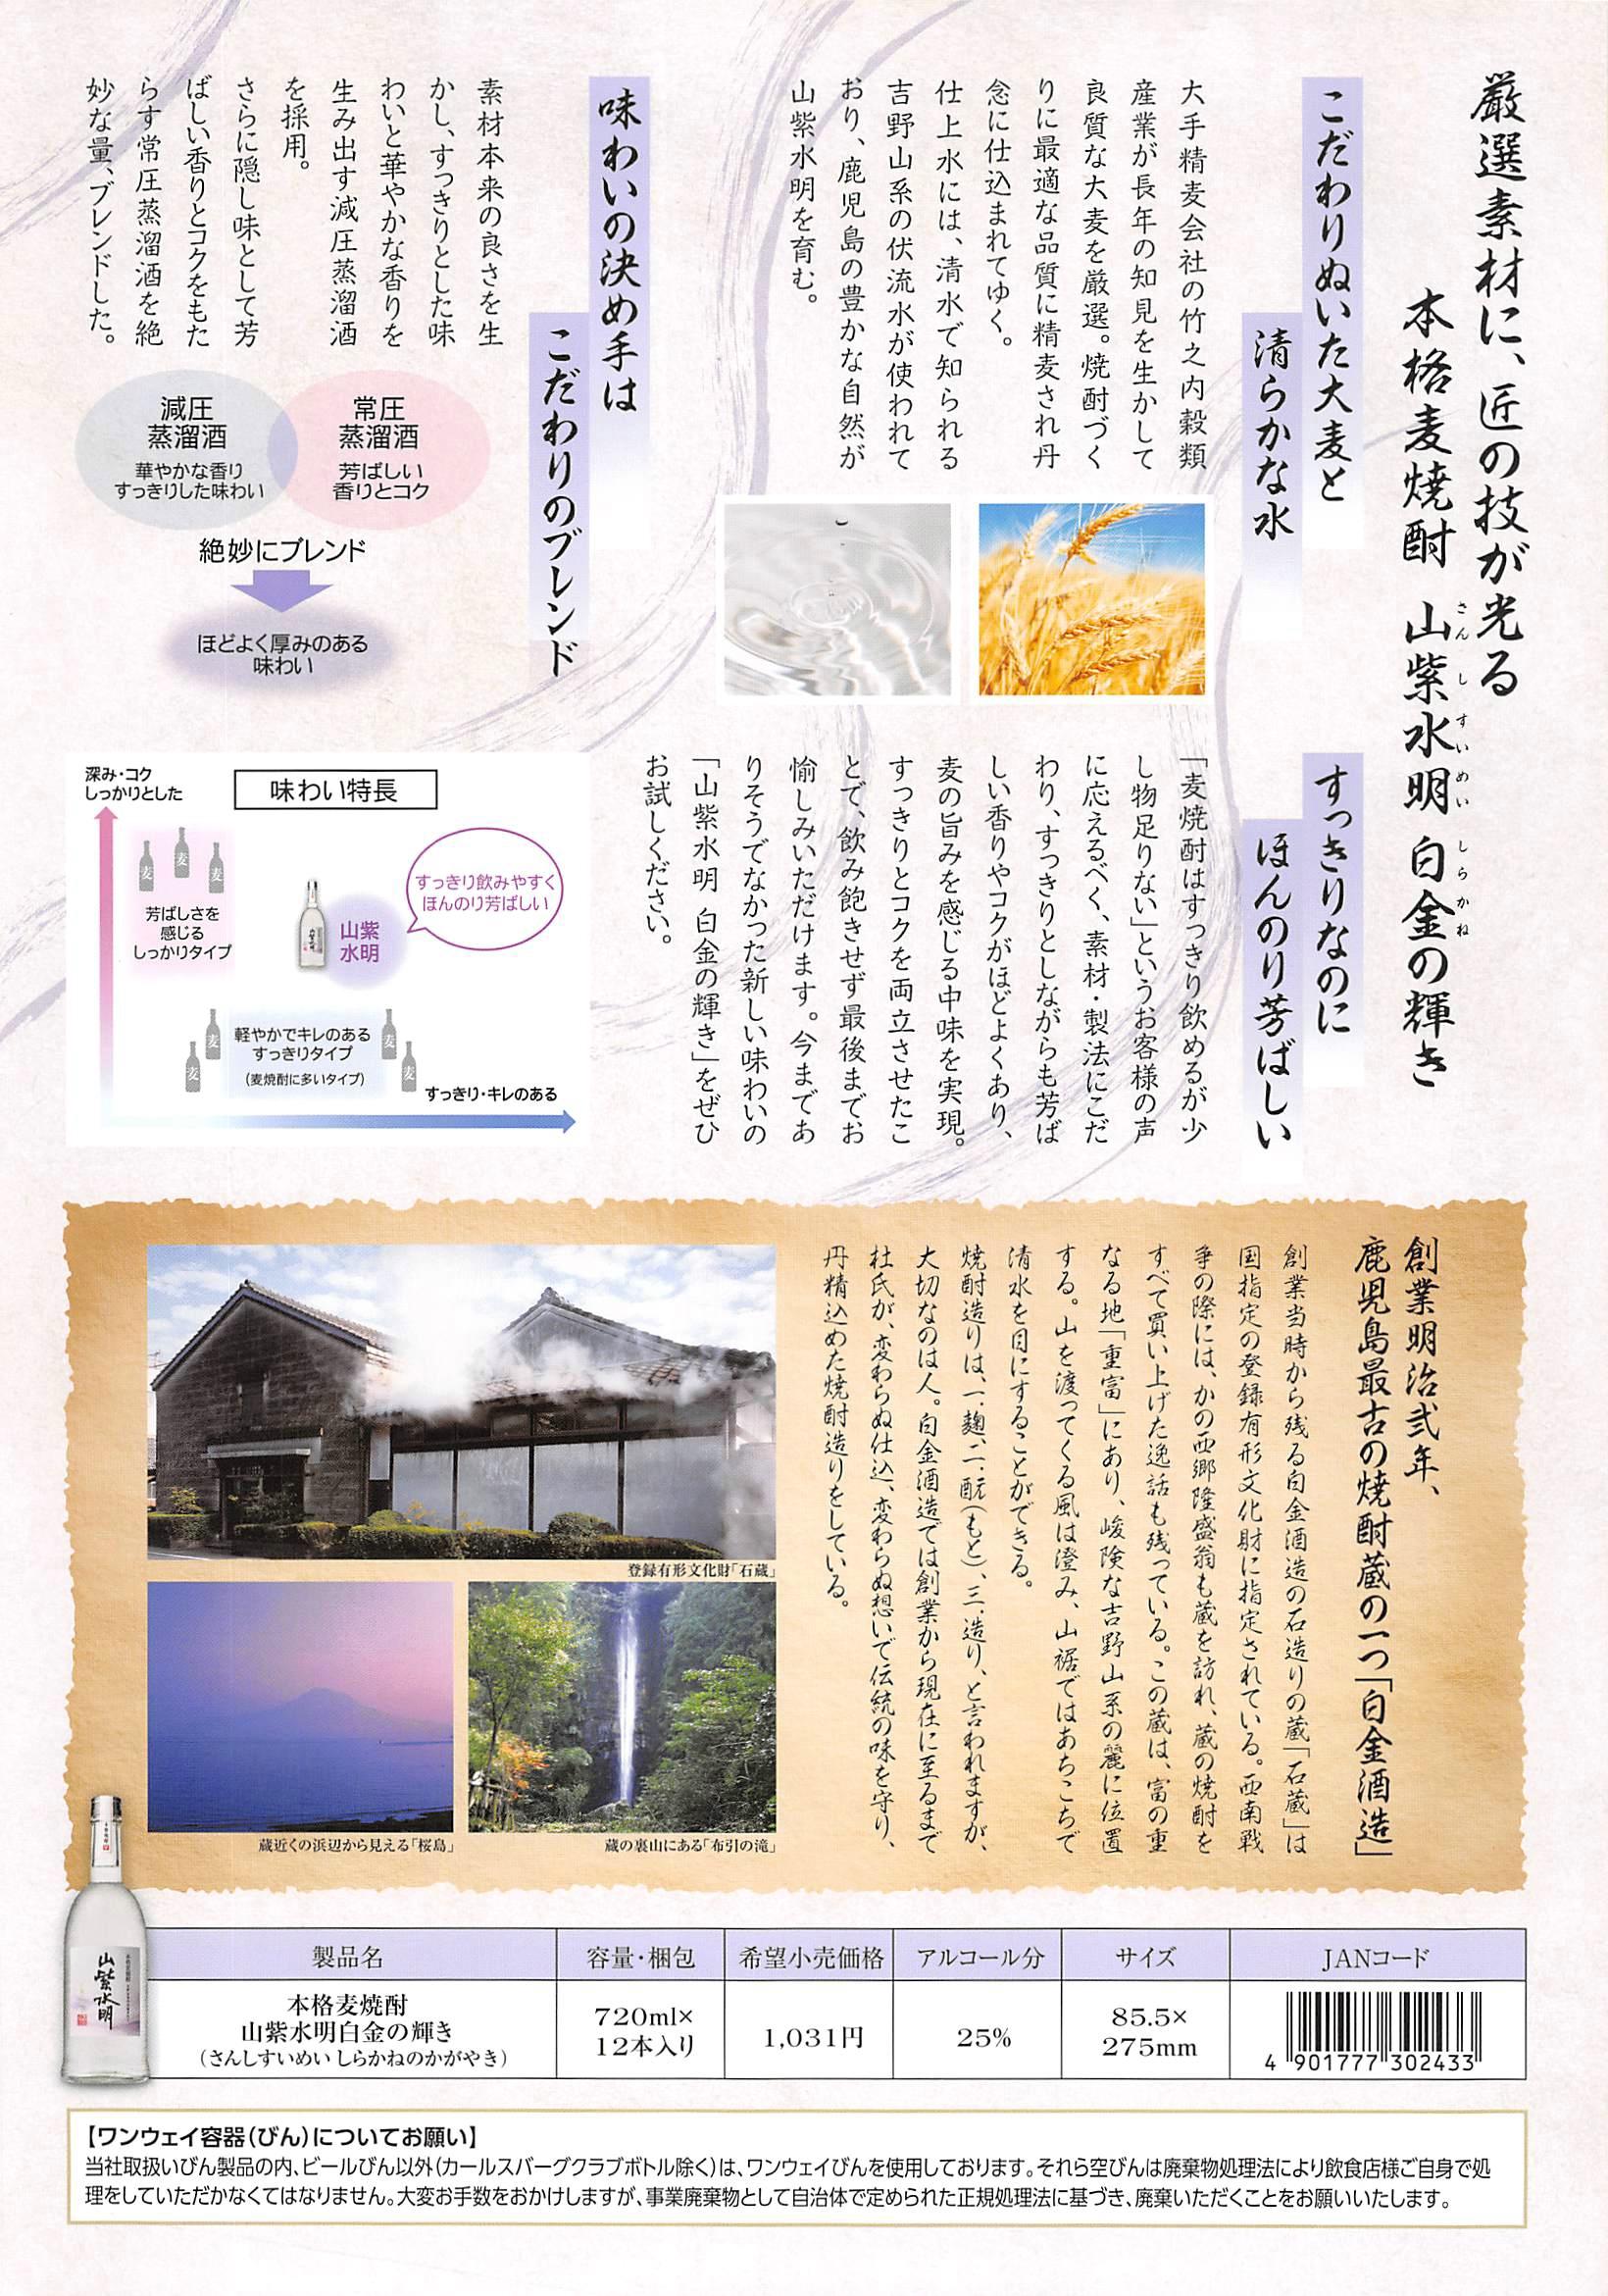 本格麦焼酎_山紫水明白金の輝きの商品説明